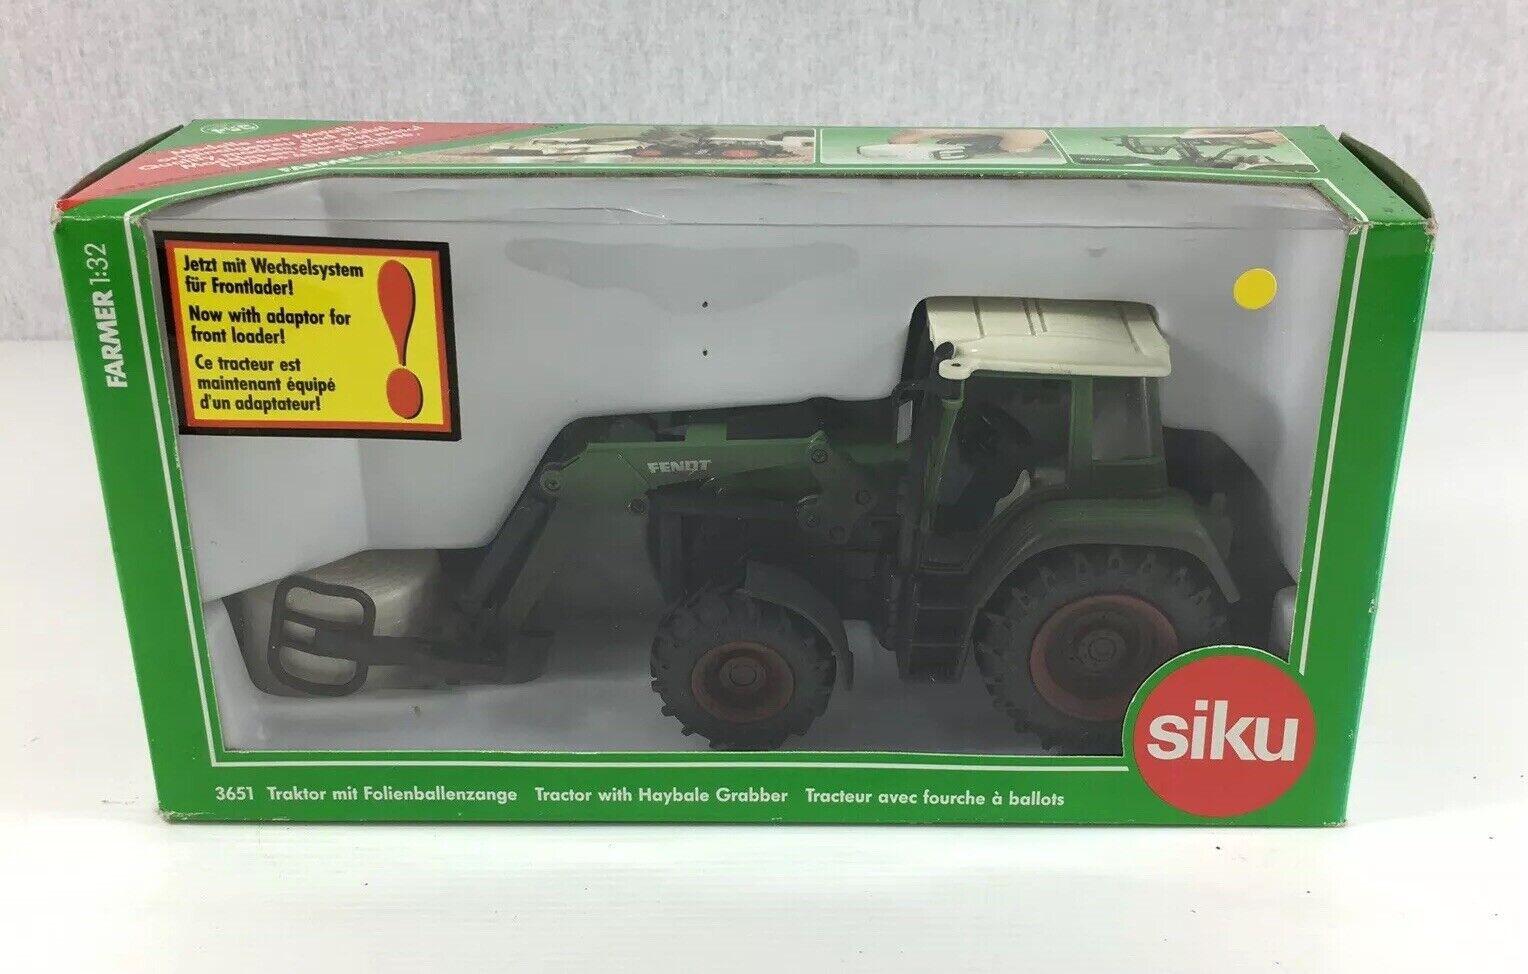 nueva gama alta exclusiva Vintage en caja siku siku siku Tractor Con haybale Grabber No.3651 1 32 Escala  precios razonables